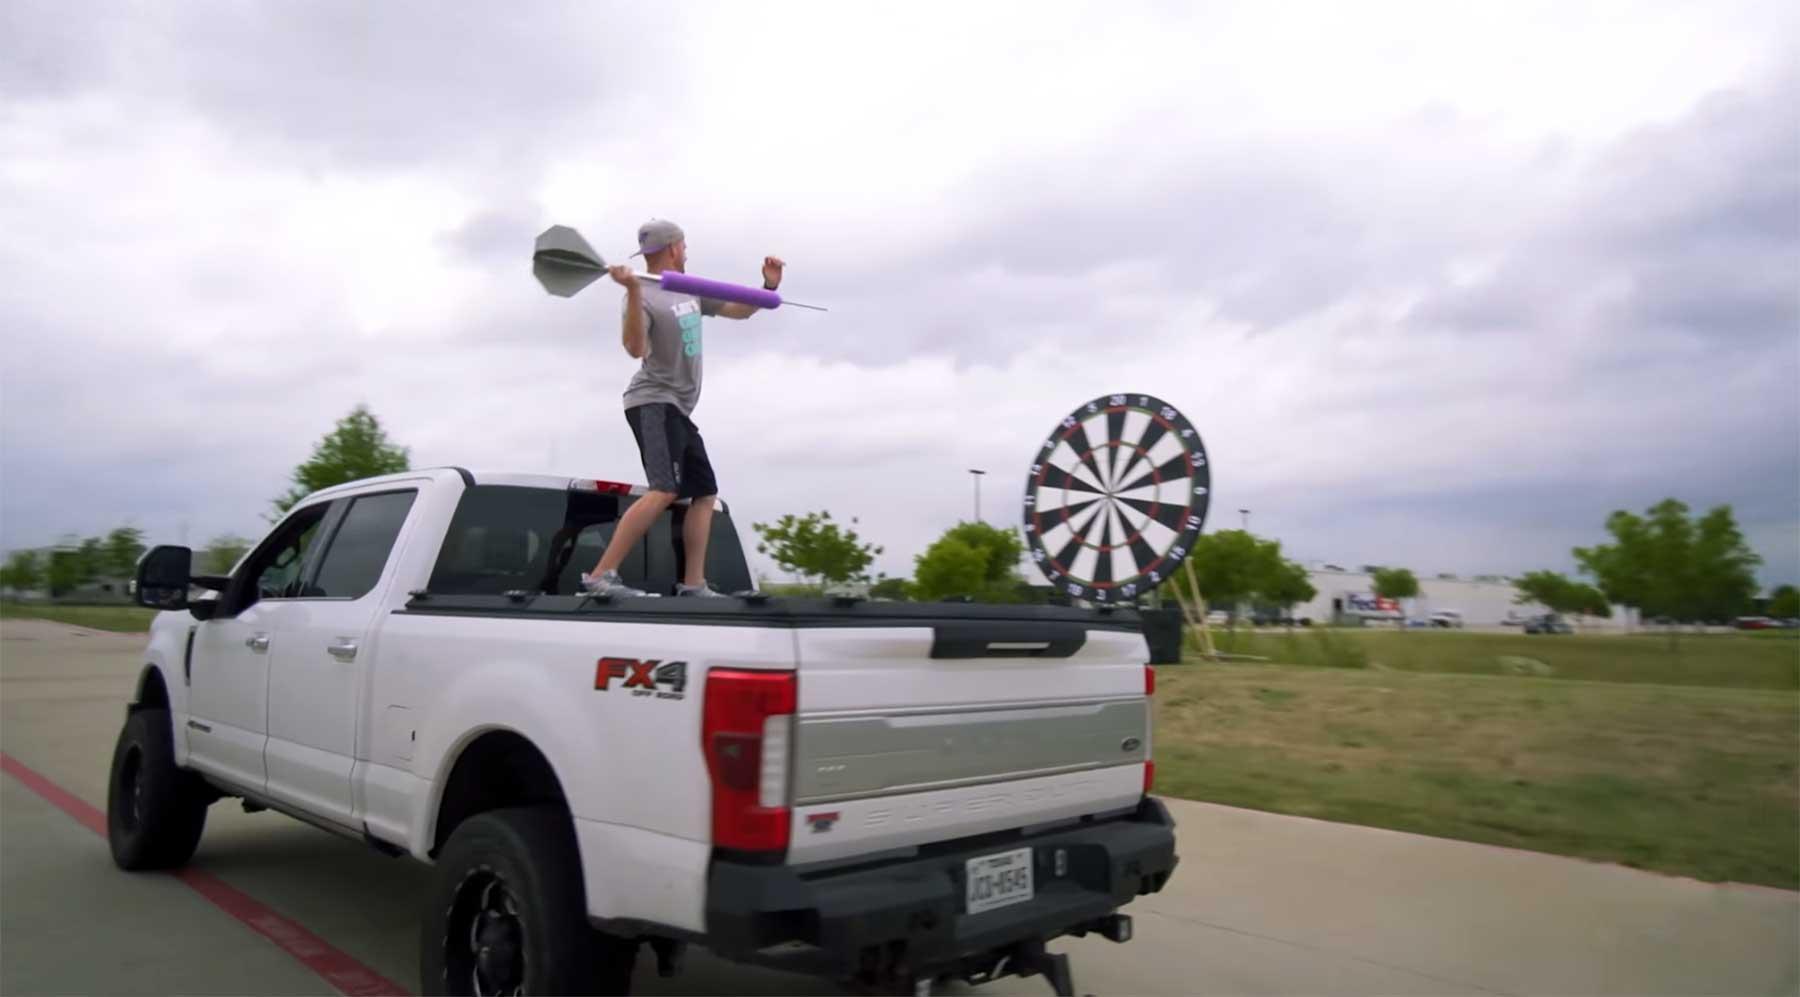 Gigantische Dartpfeile von fahrendem Truck auf riesige Dartscheibe werfen giant-darts-battle-dude-perfect